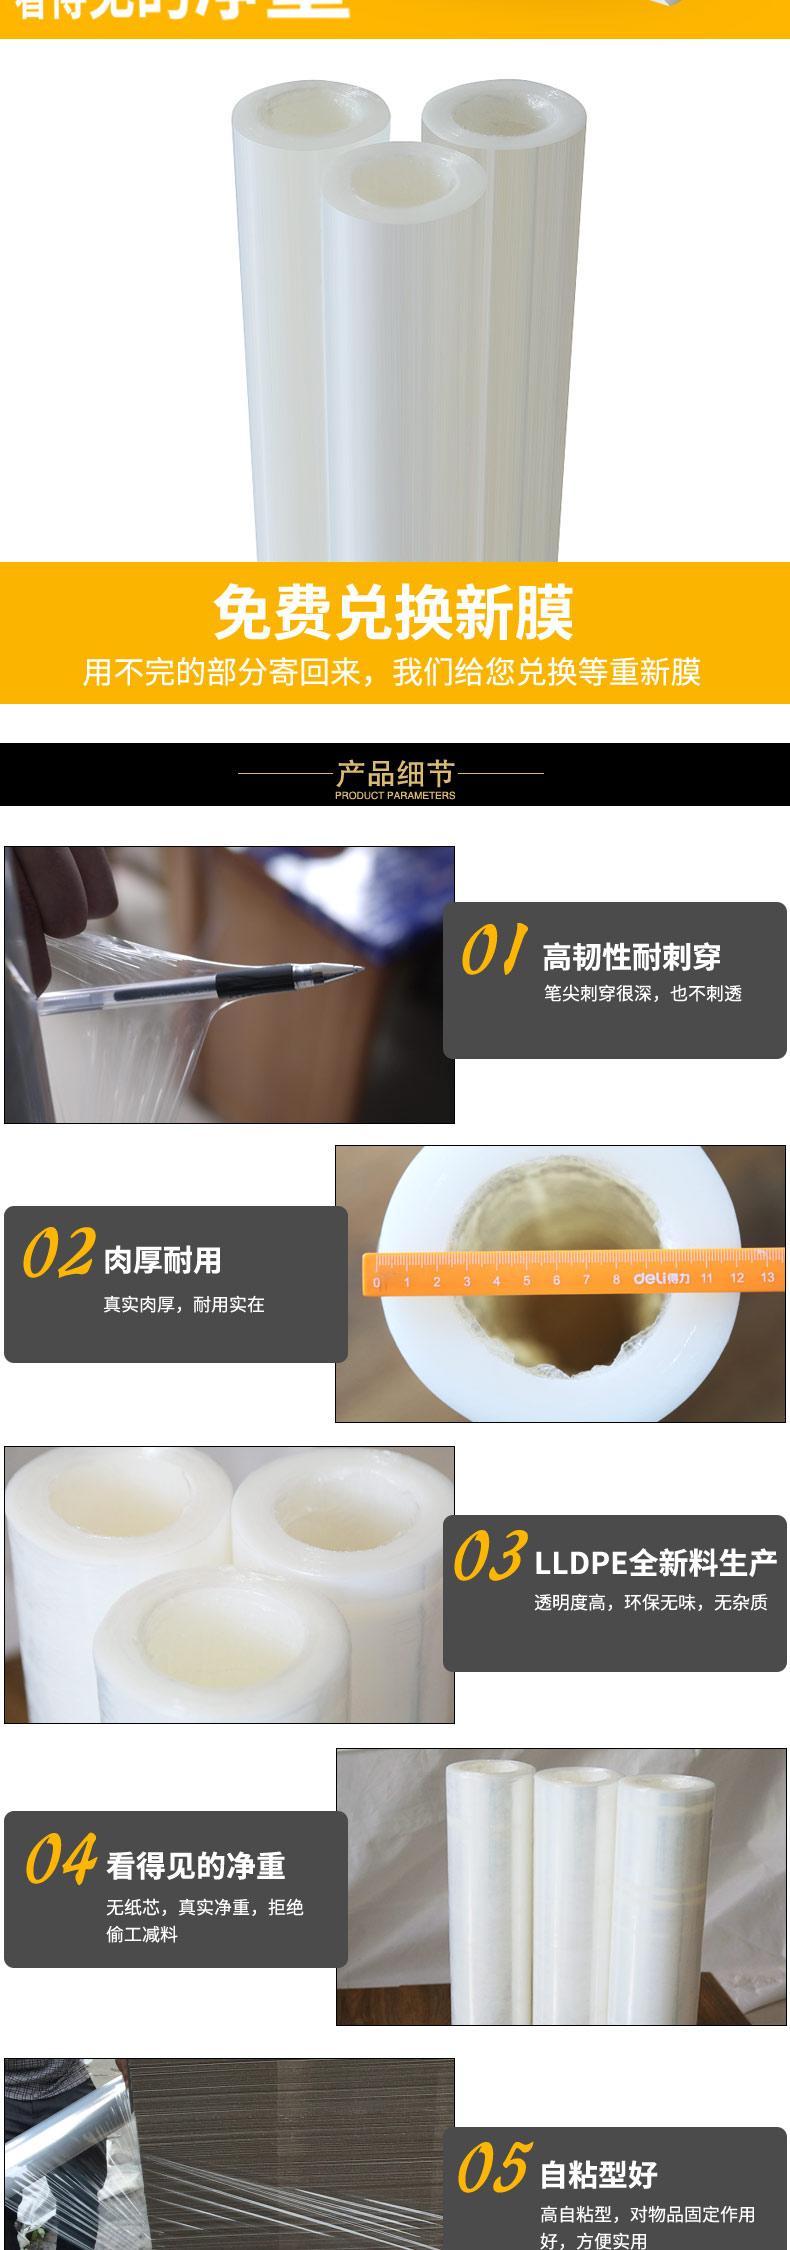 无芯万博manbetx官网详情_03